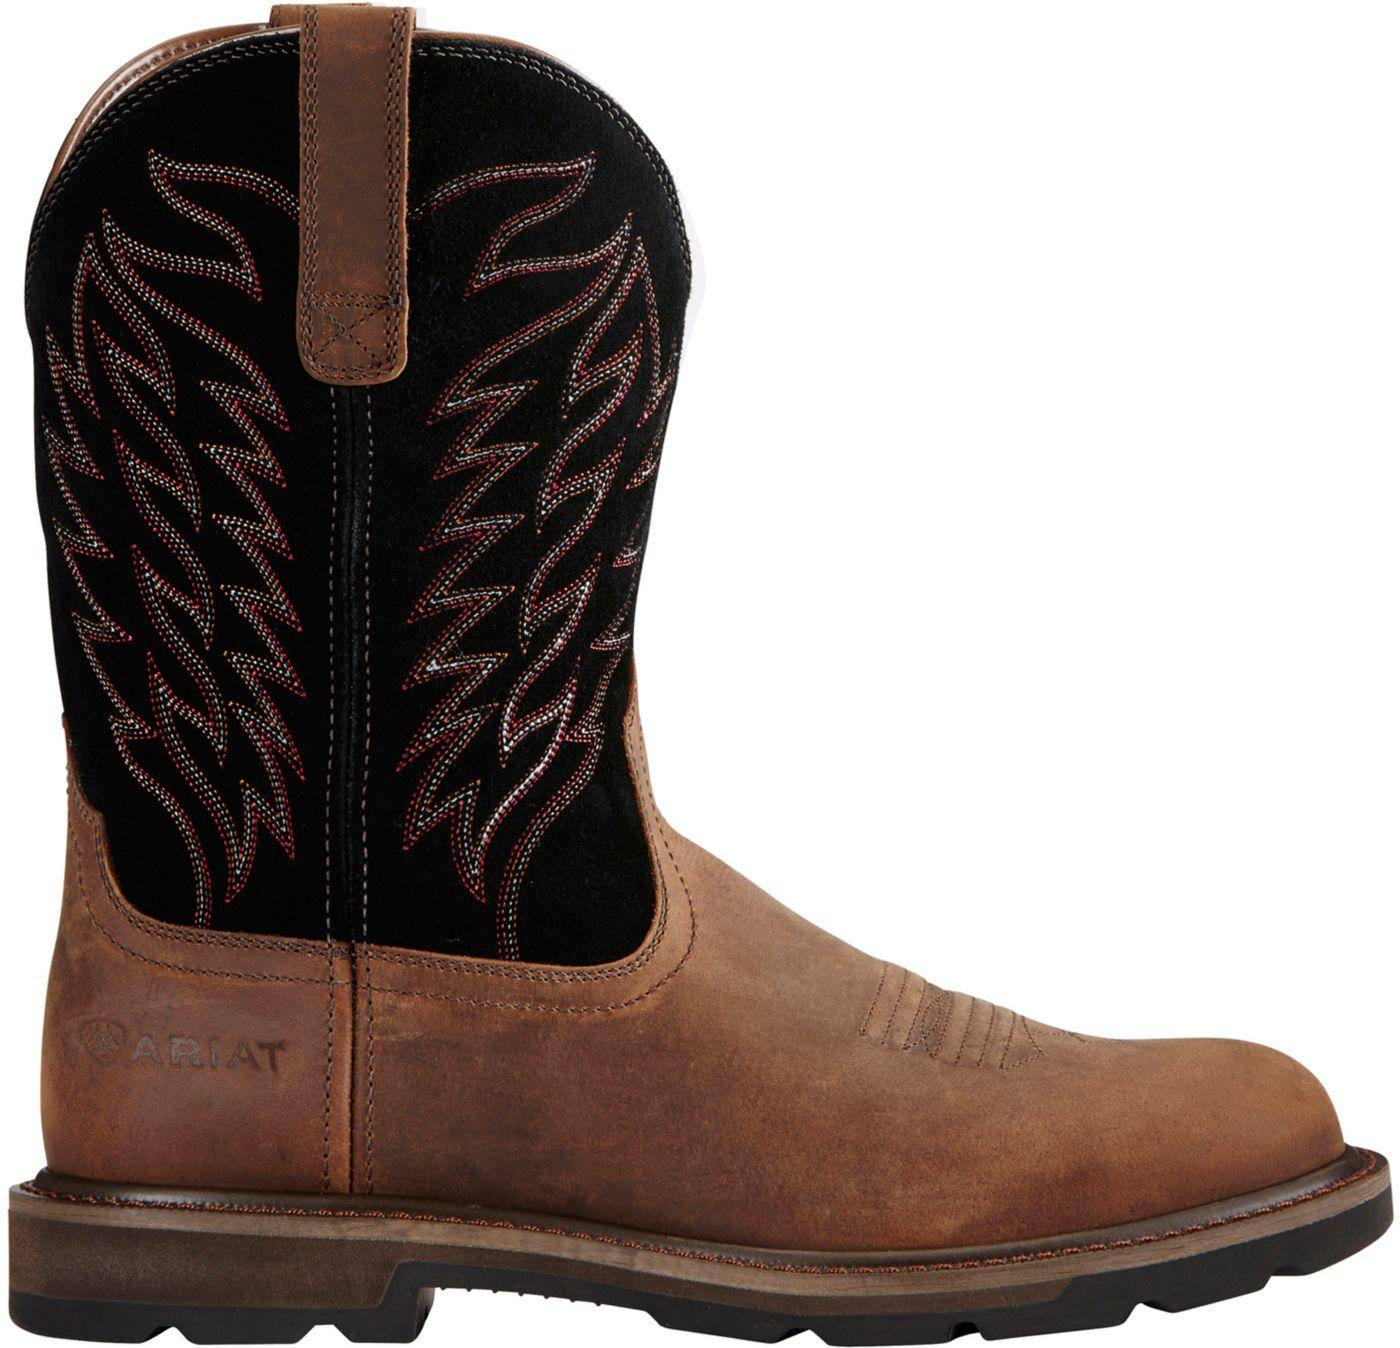 Ariat Men's Groundbreaker Work Boots